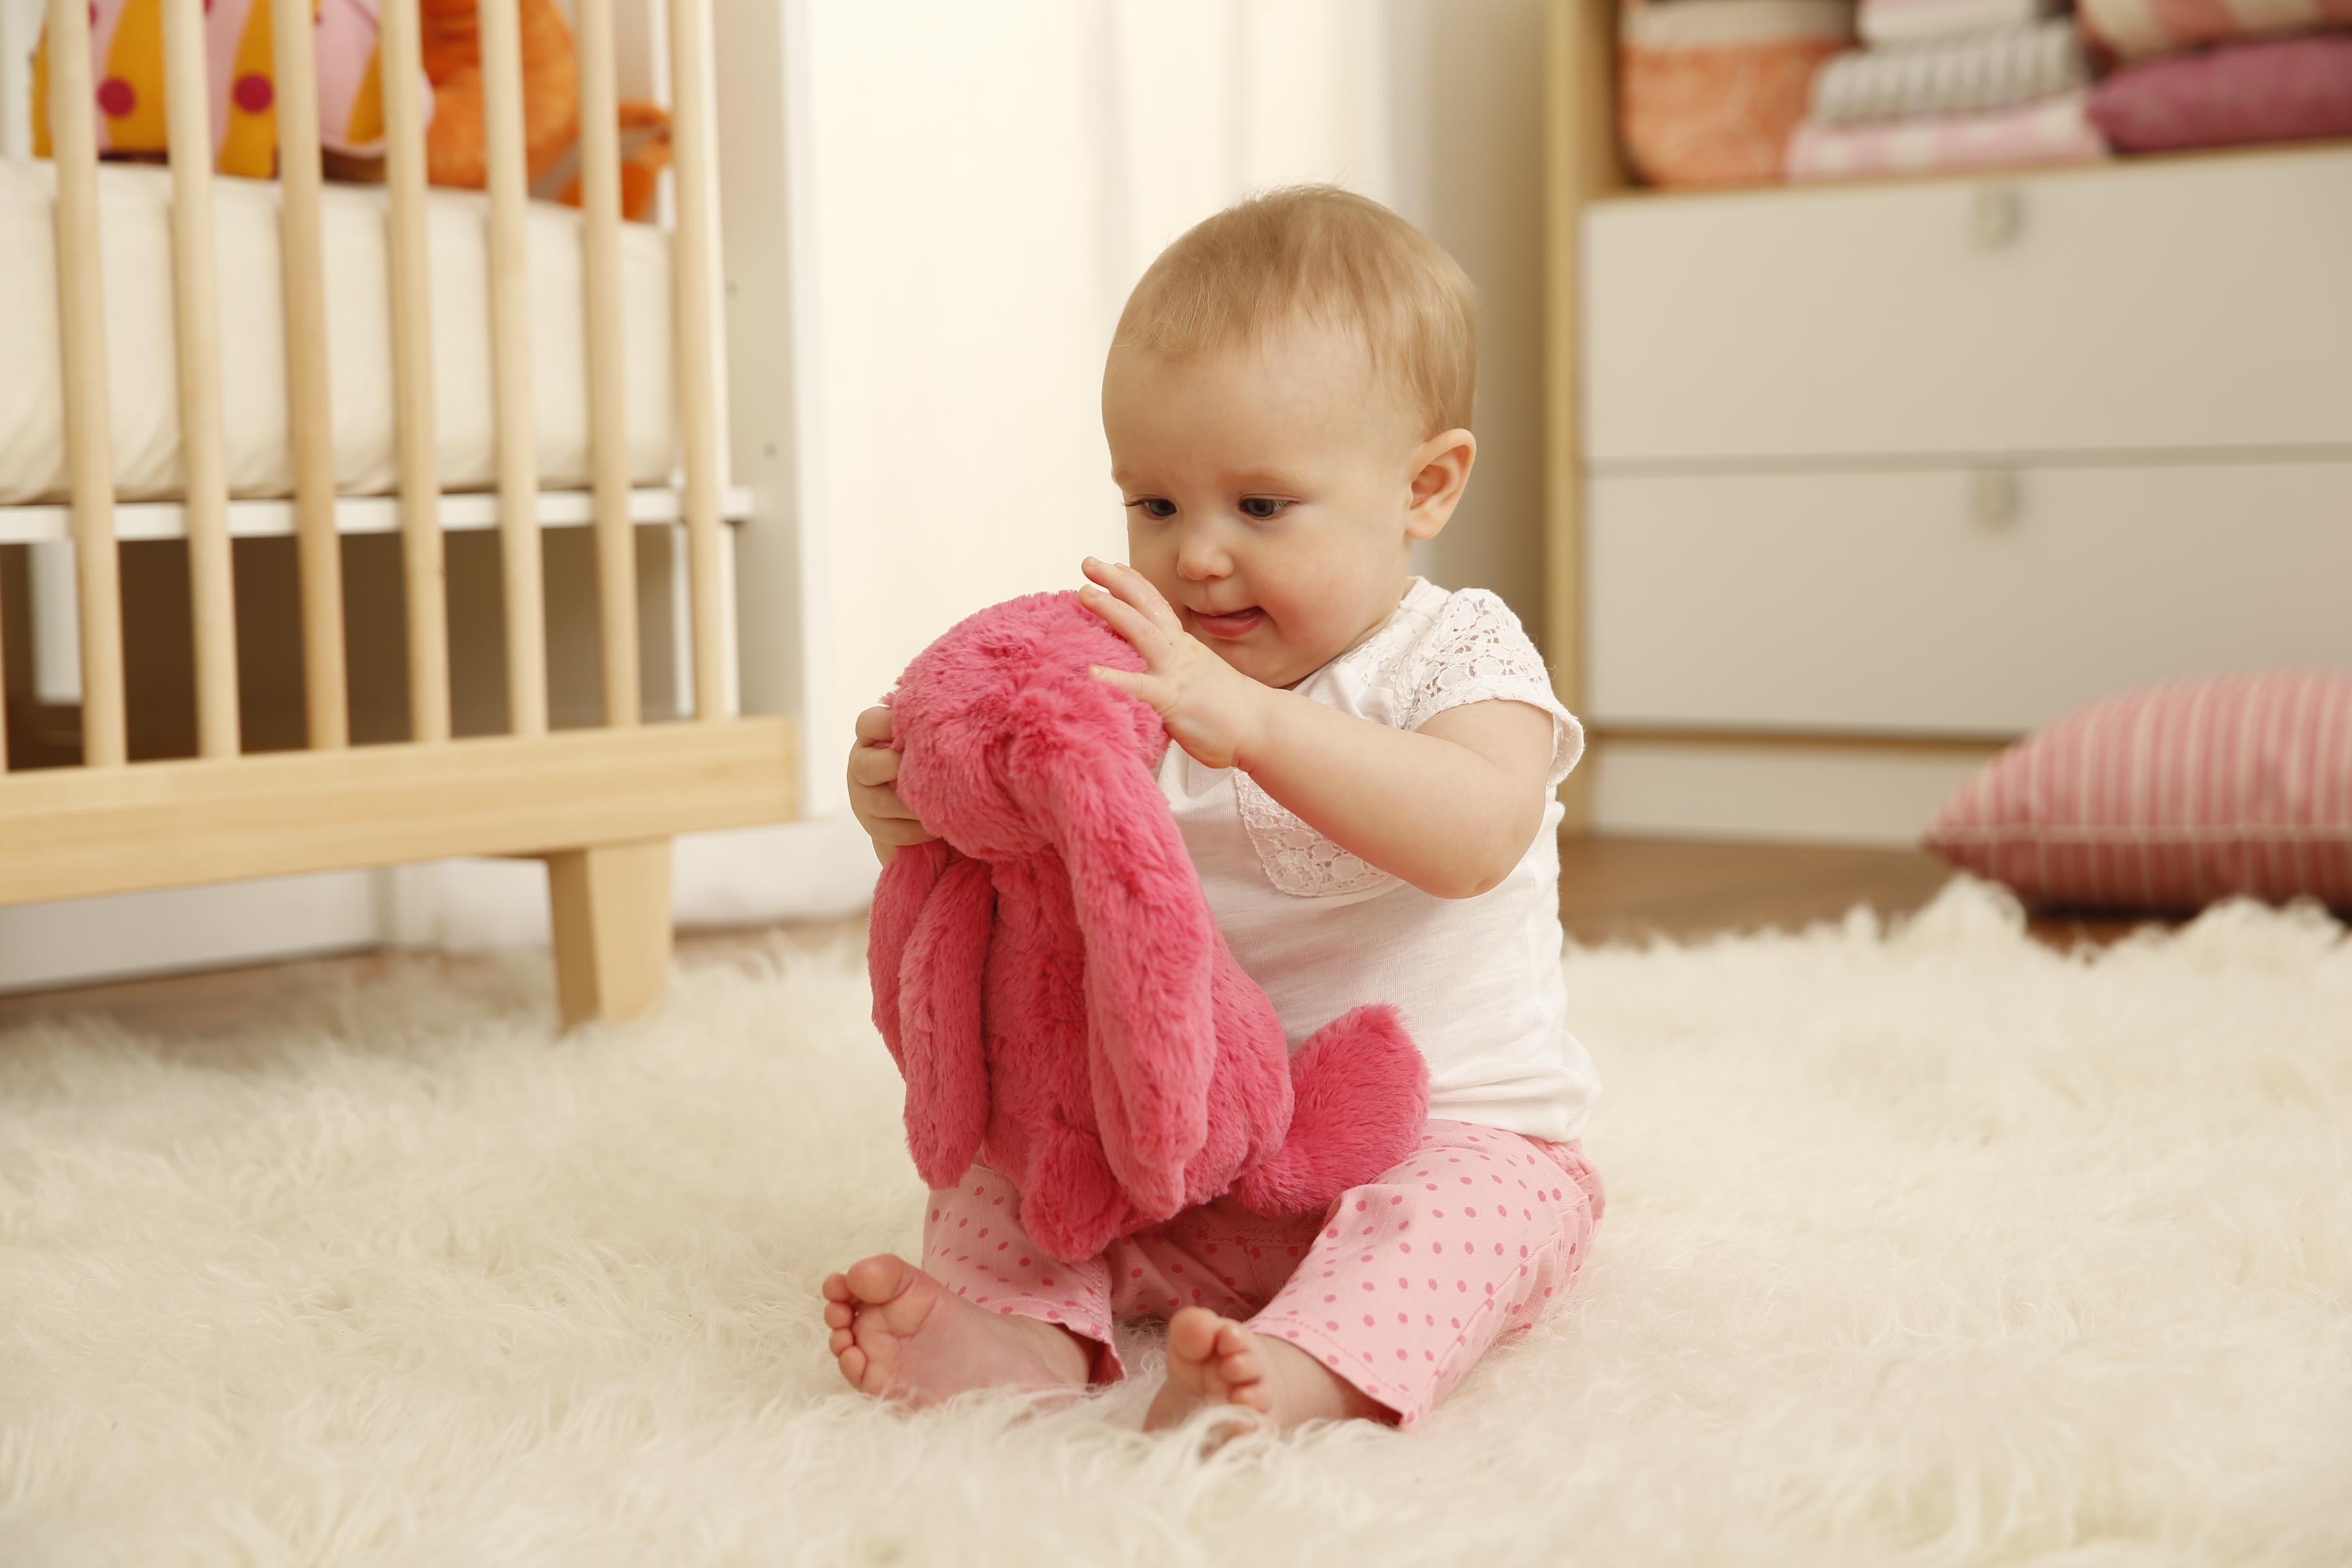 小儿免疫力低怎么快速提高